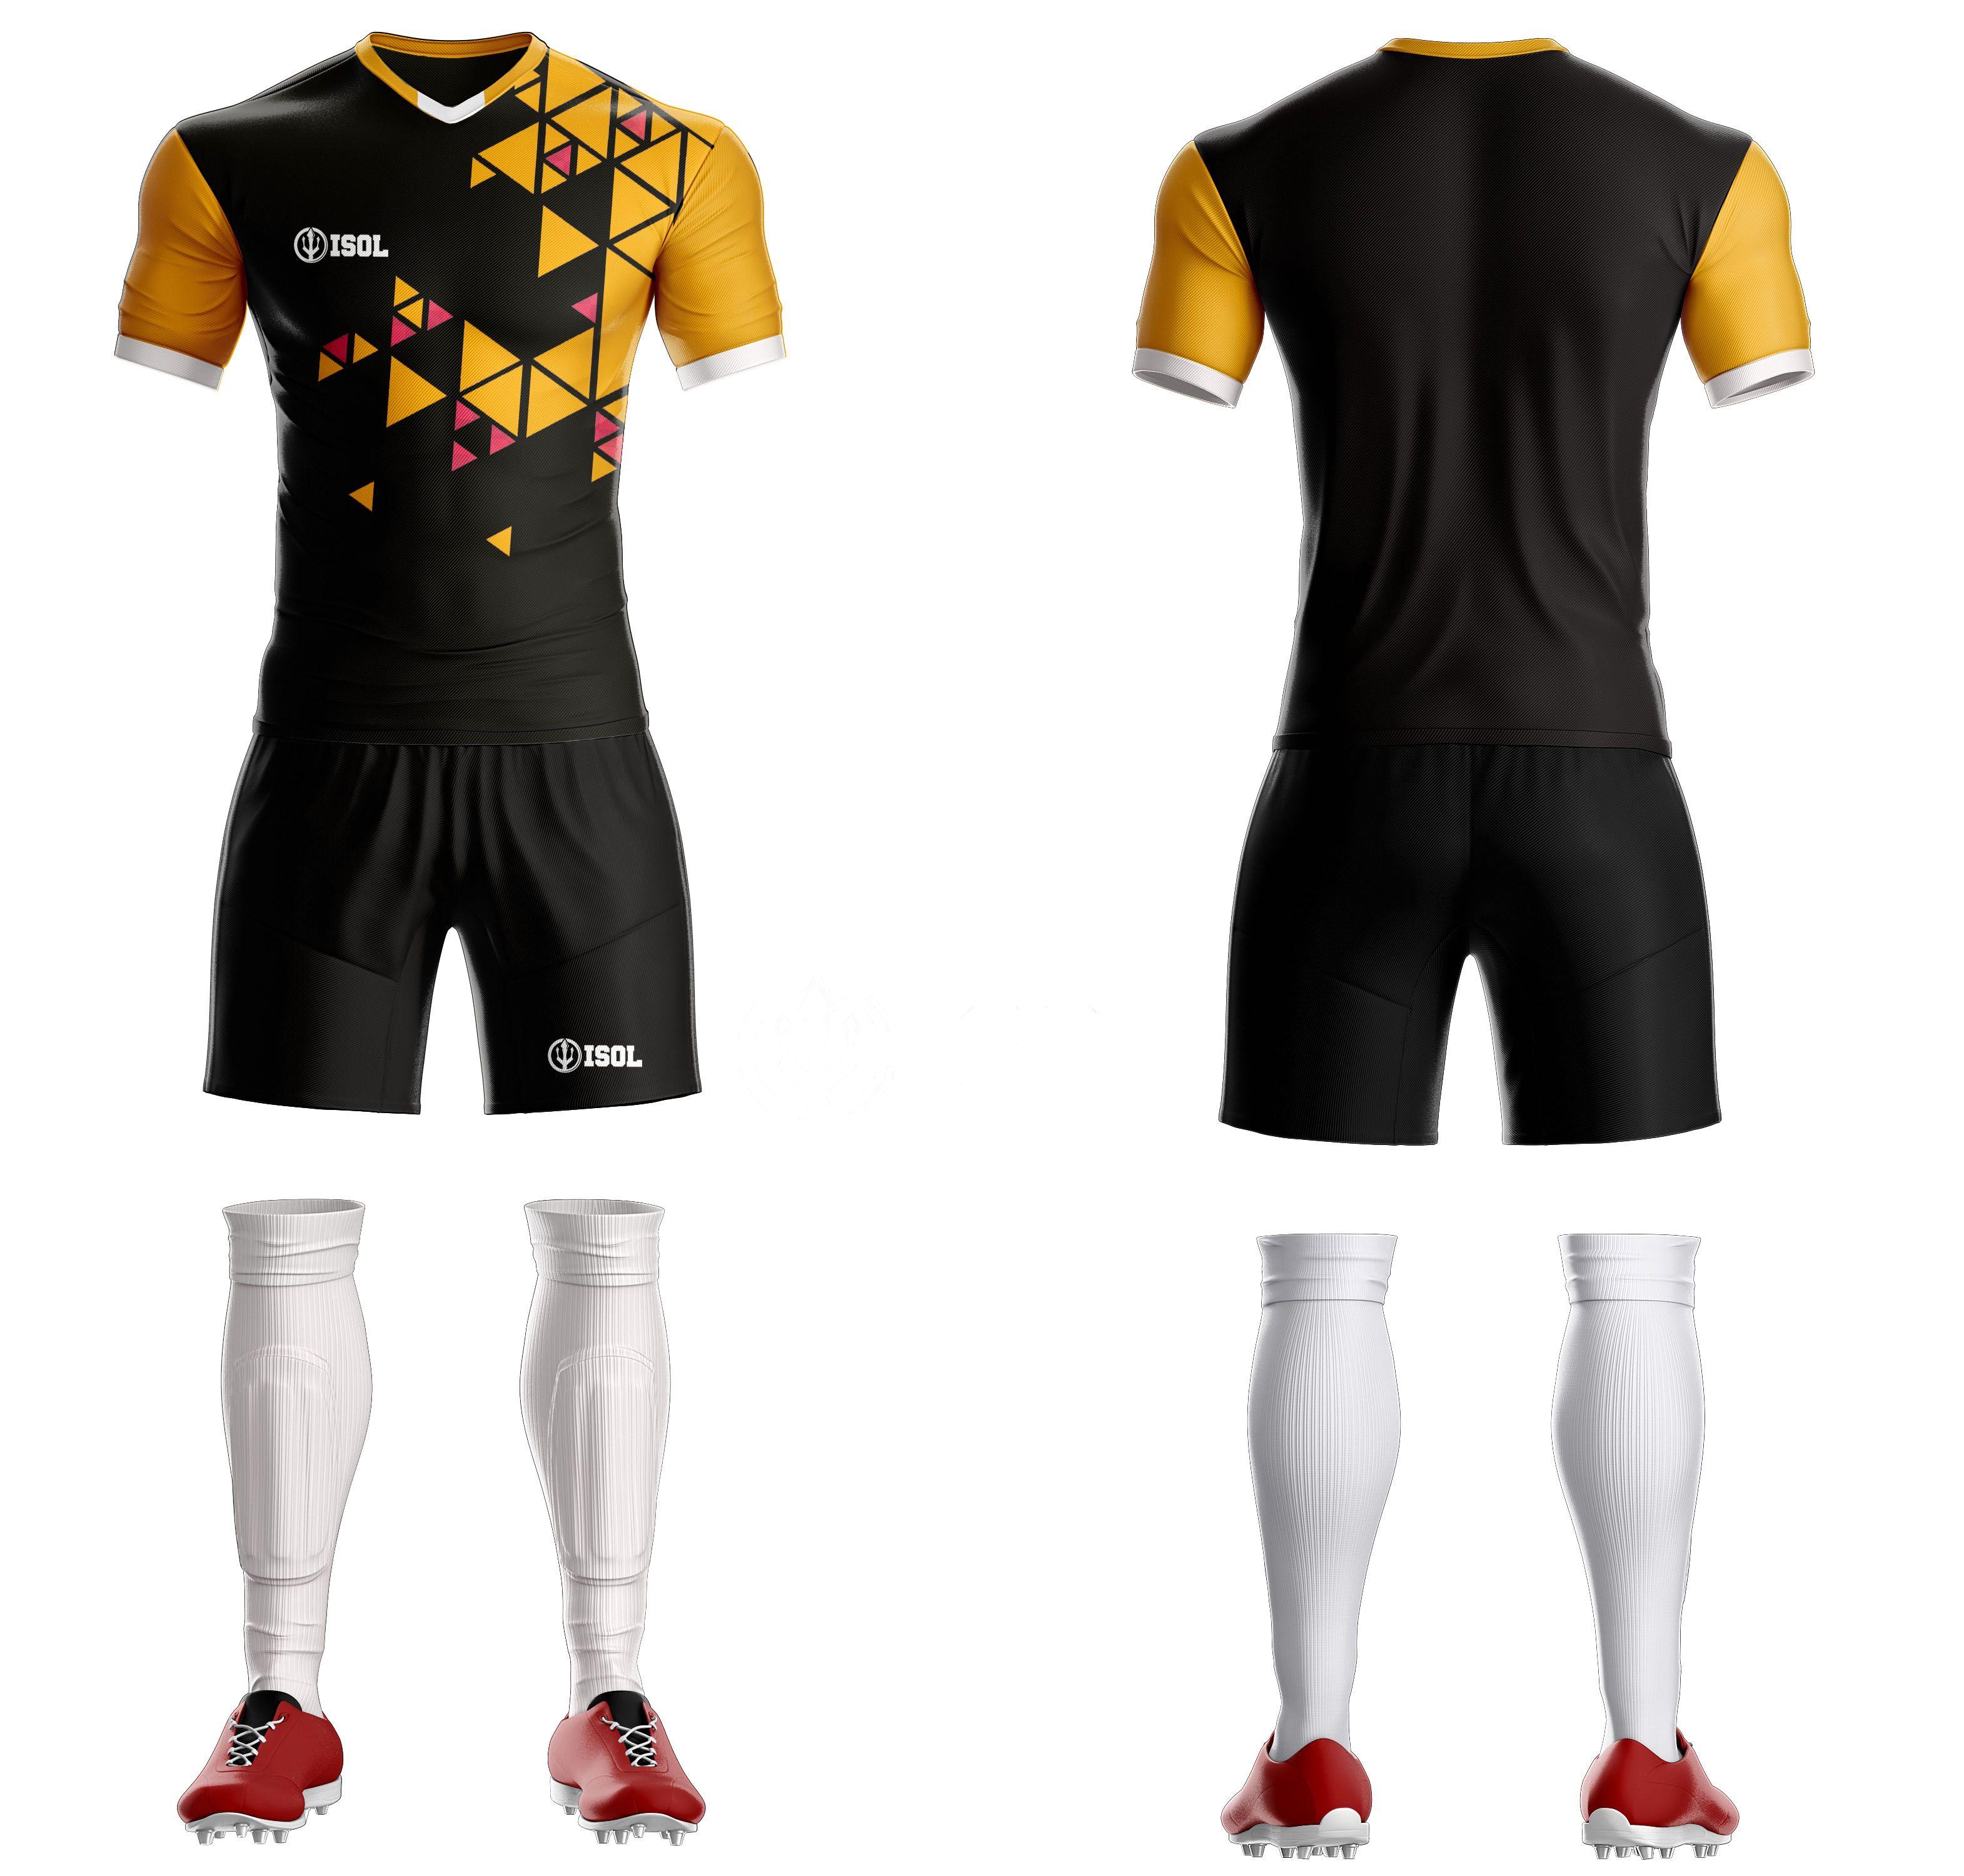 Kumpulan Gambar Kaos Futsal Keren HD Terbaru